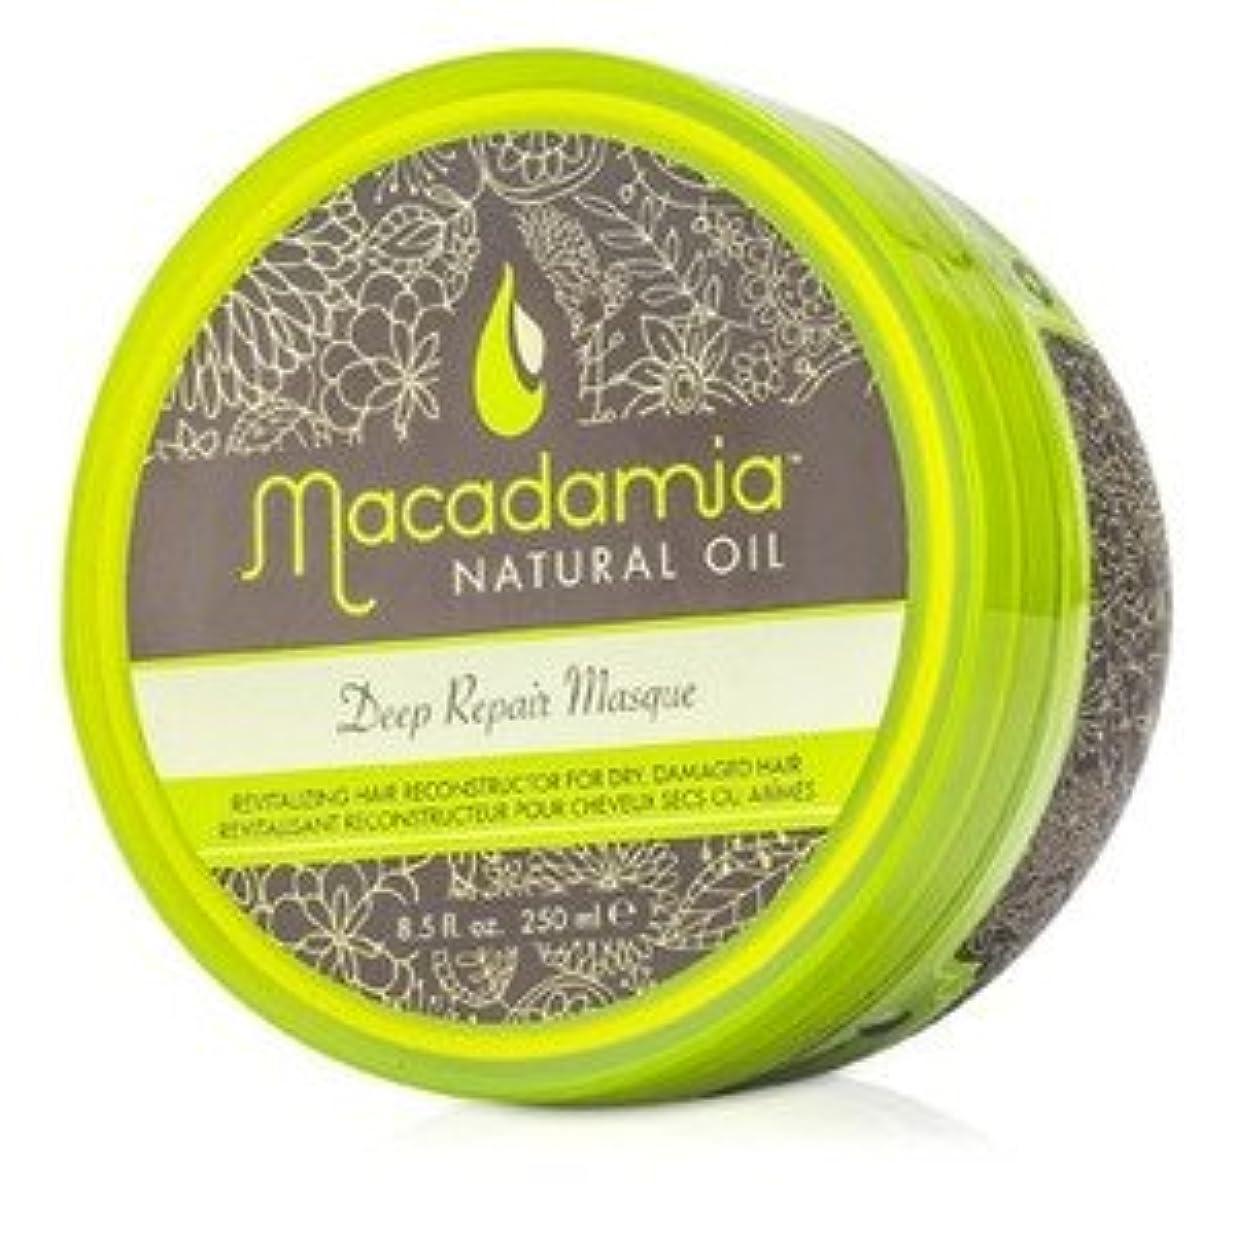 防腐剤ロンドン側面マカダミア ナチュラルオイル(Macadamia NATURAL OIL) ディープリペアマスク(ドライ、ダメージヘア) 250ml/8.5oz [並行輸入品]